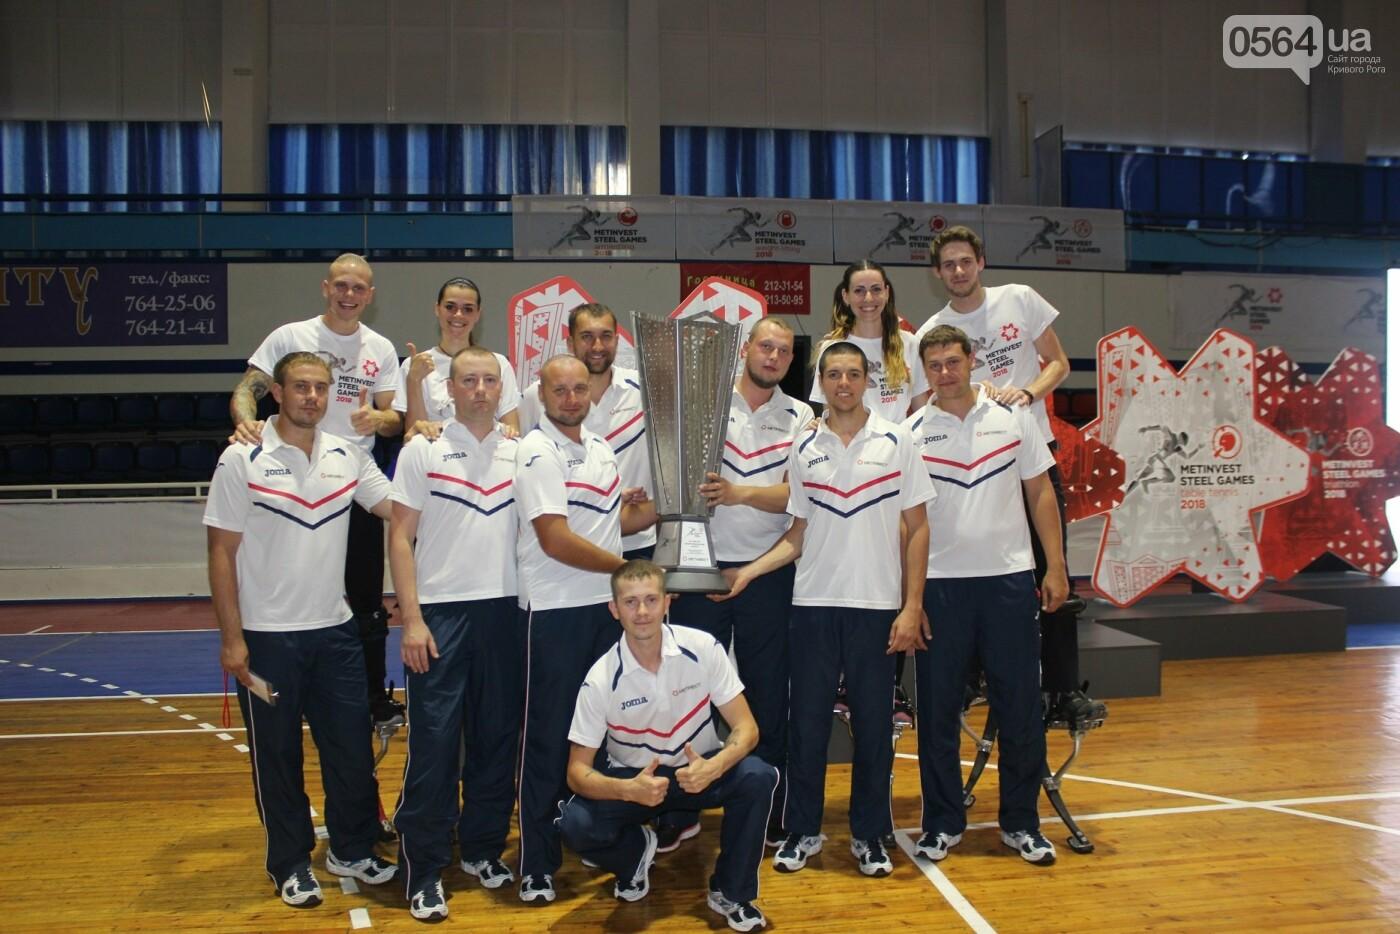 К старту готовы: 250 криворожских спортсменов примут участие в олимпиаде Метинвеста, фото-1